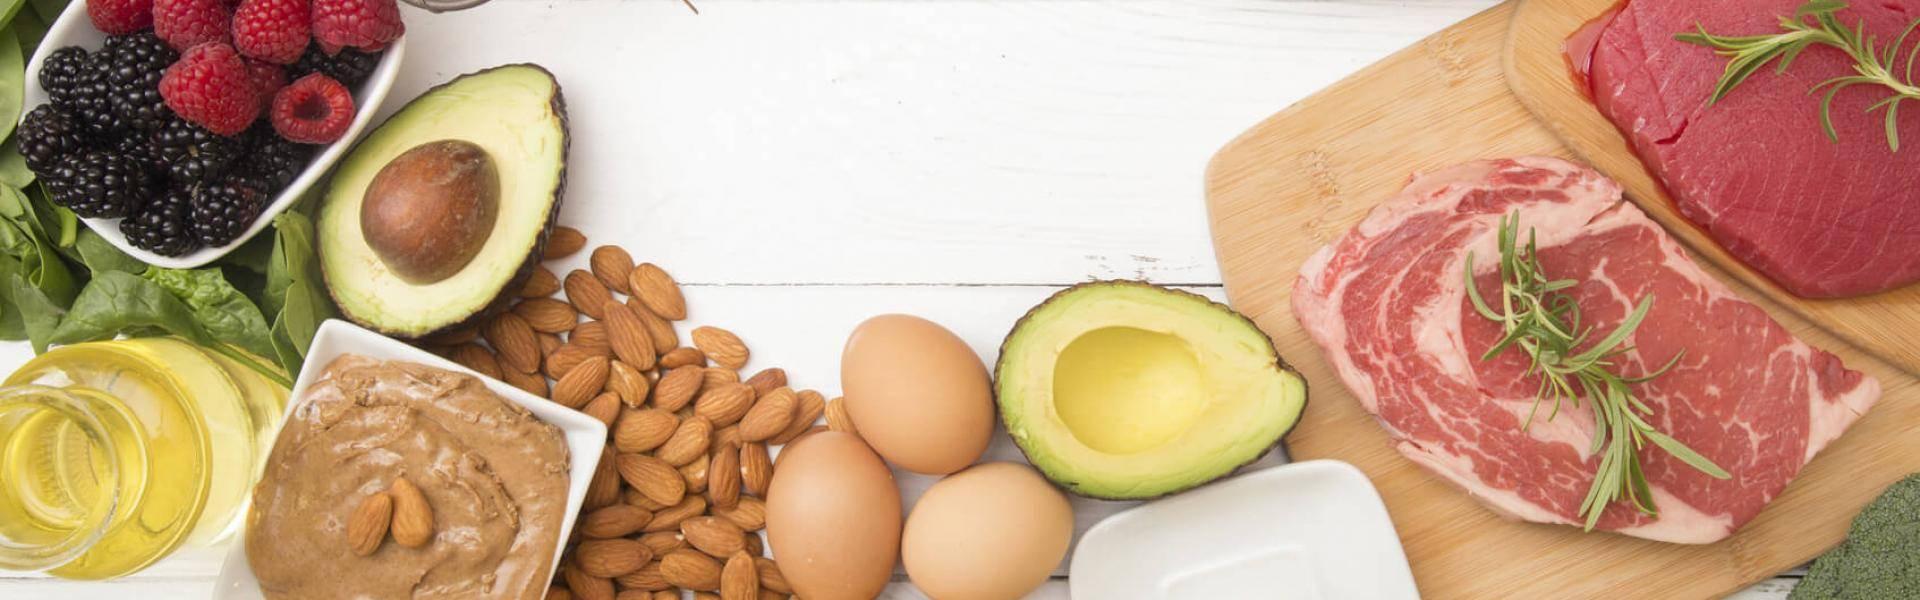 La corretta ripartizione degli alimenti necessari per la salute dell'organismo umano